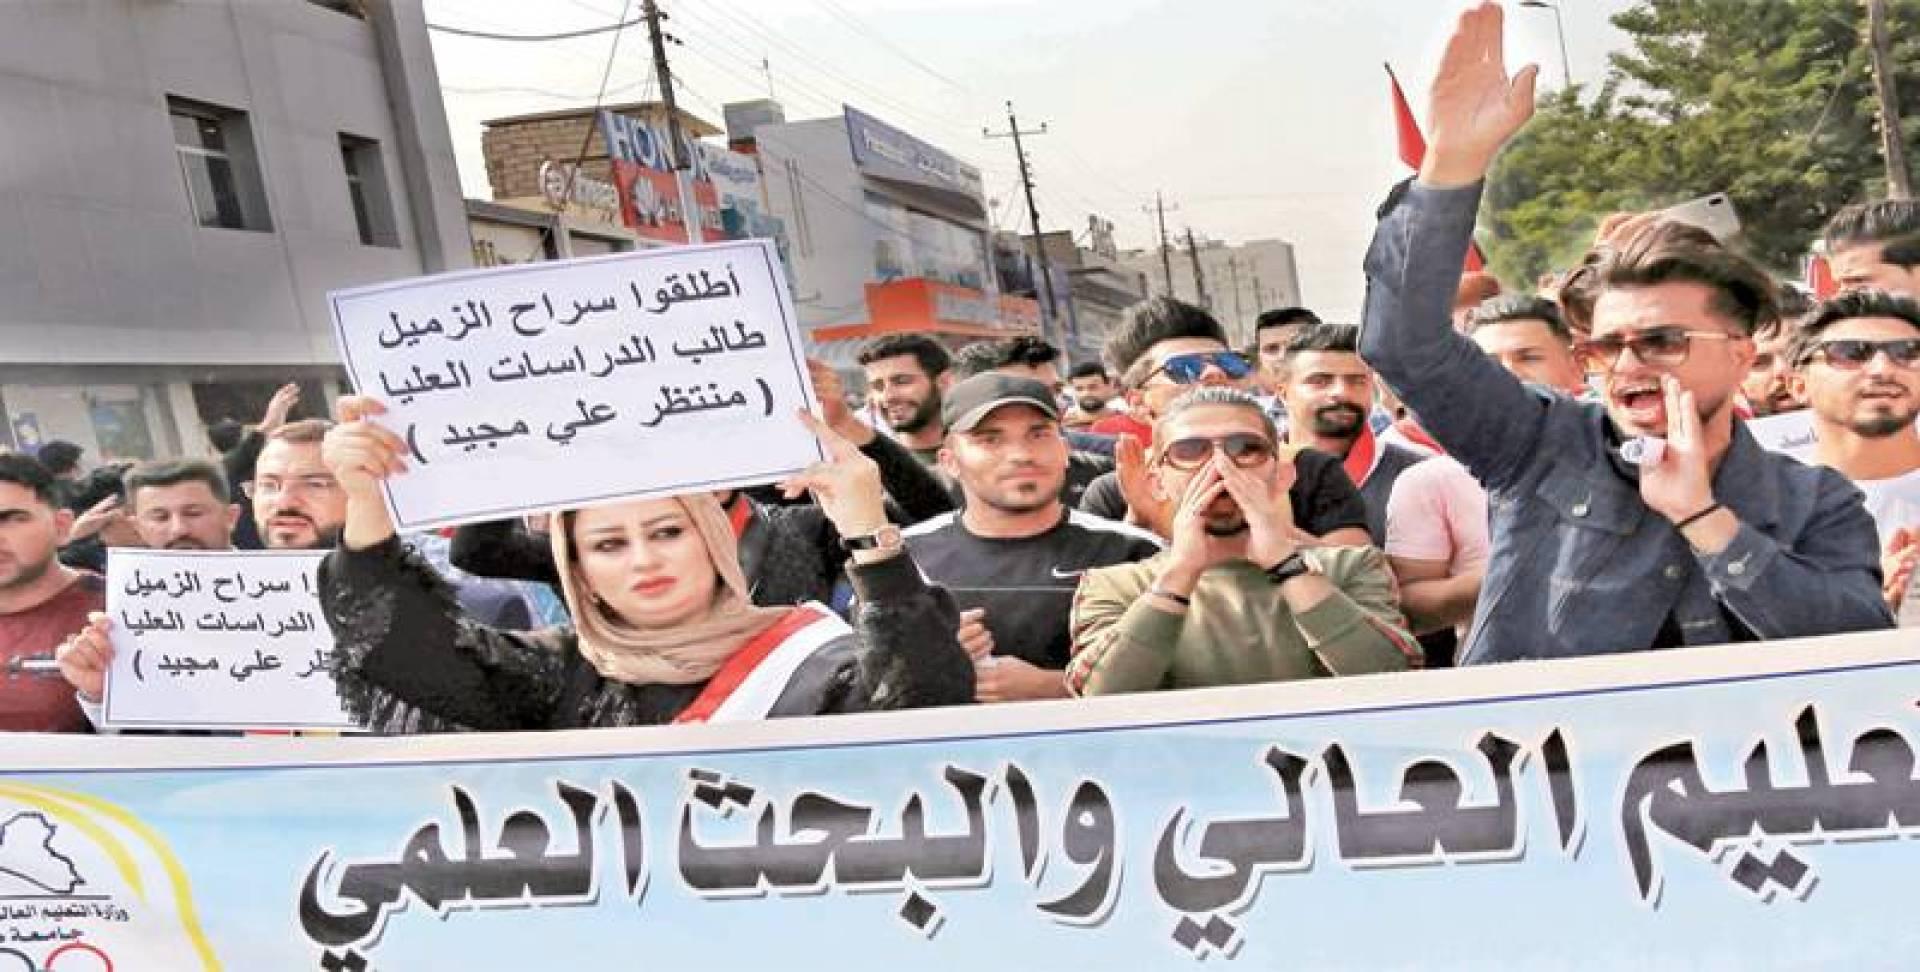 طلبة ومعلمون وموظفون في قطاعات تعليمية خلال تظاهرة في مدينة كربلاء أمس | أ ف ب